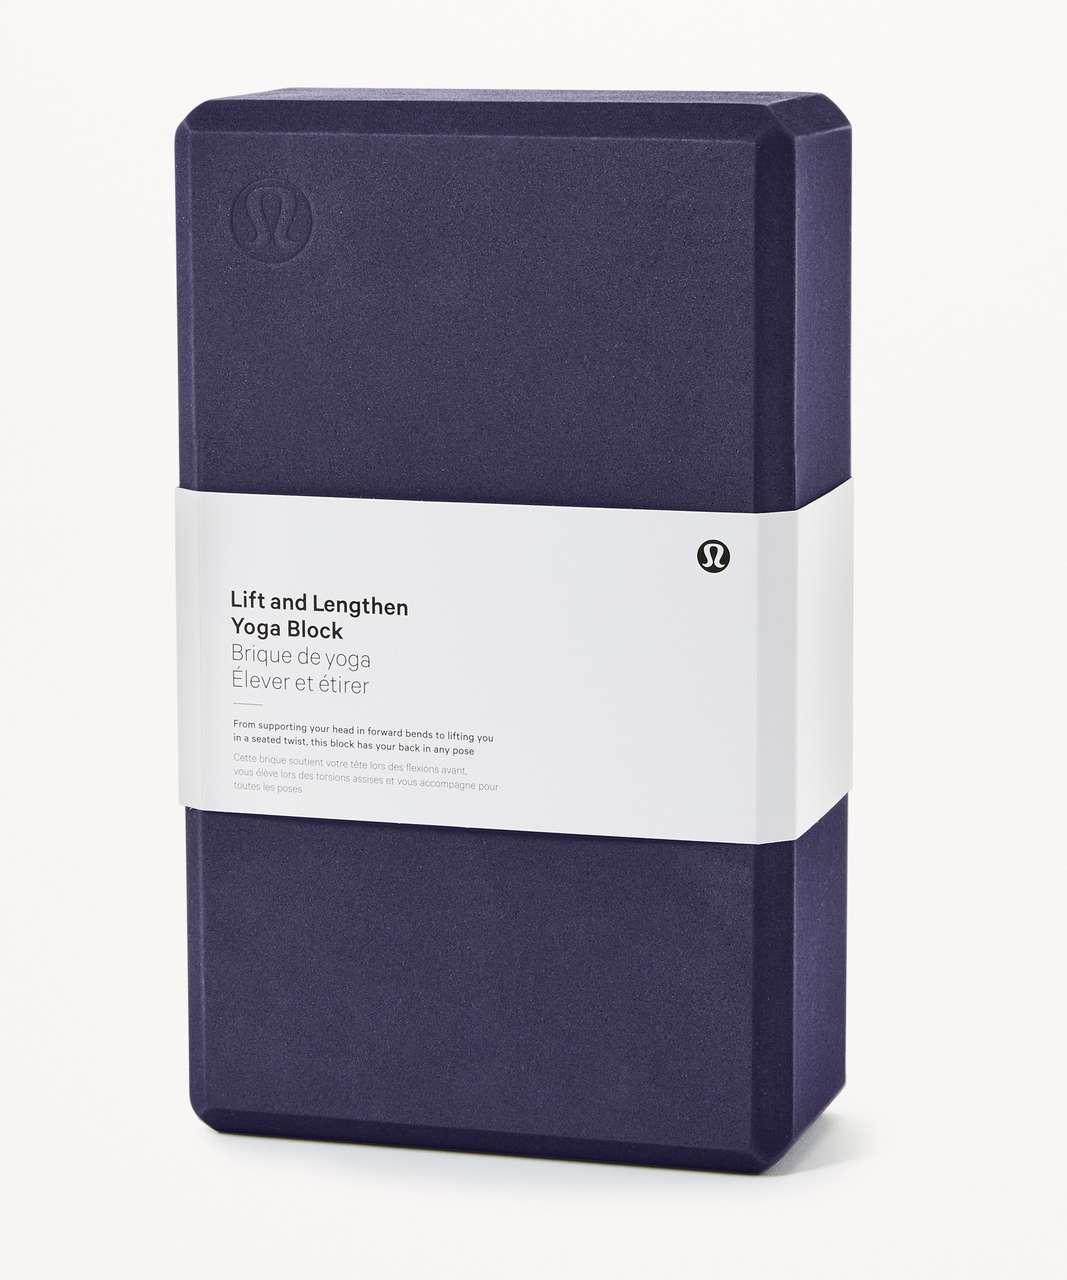 Lululemon Lift & Lengthen Yoga Block - Aeon